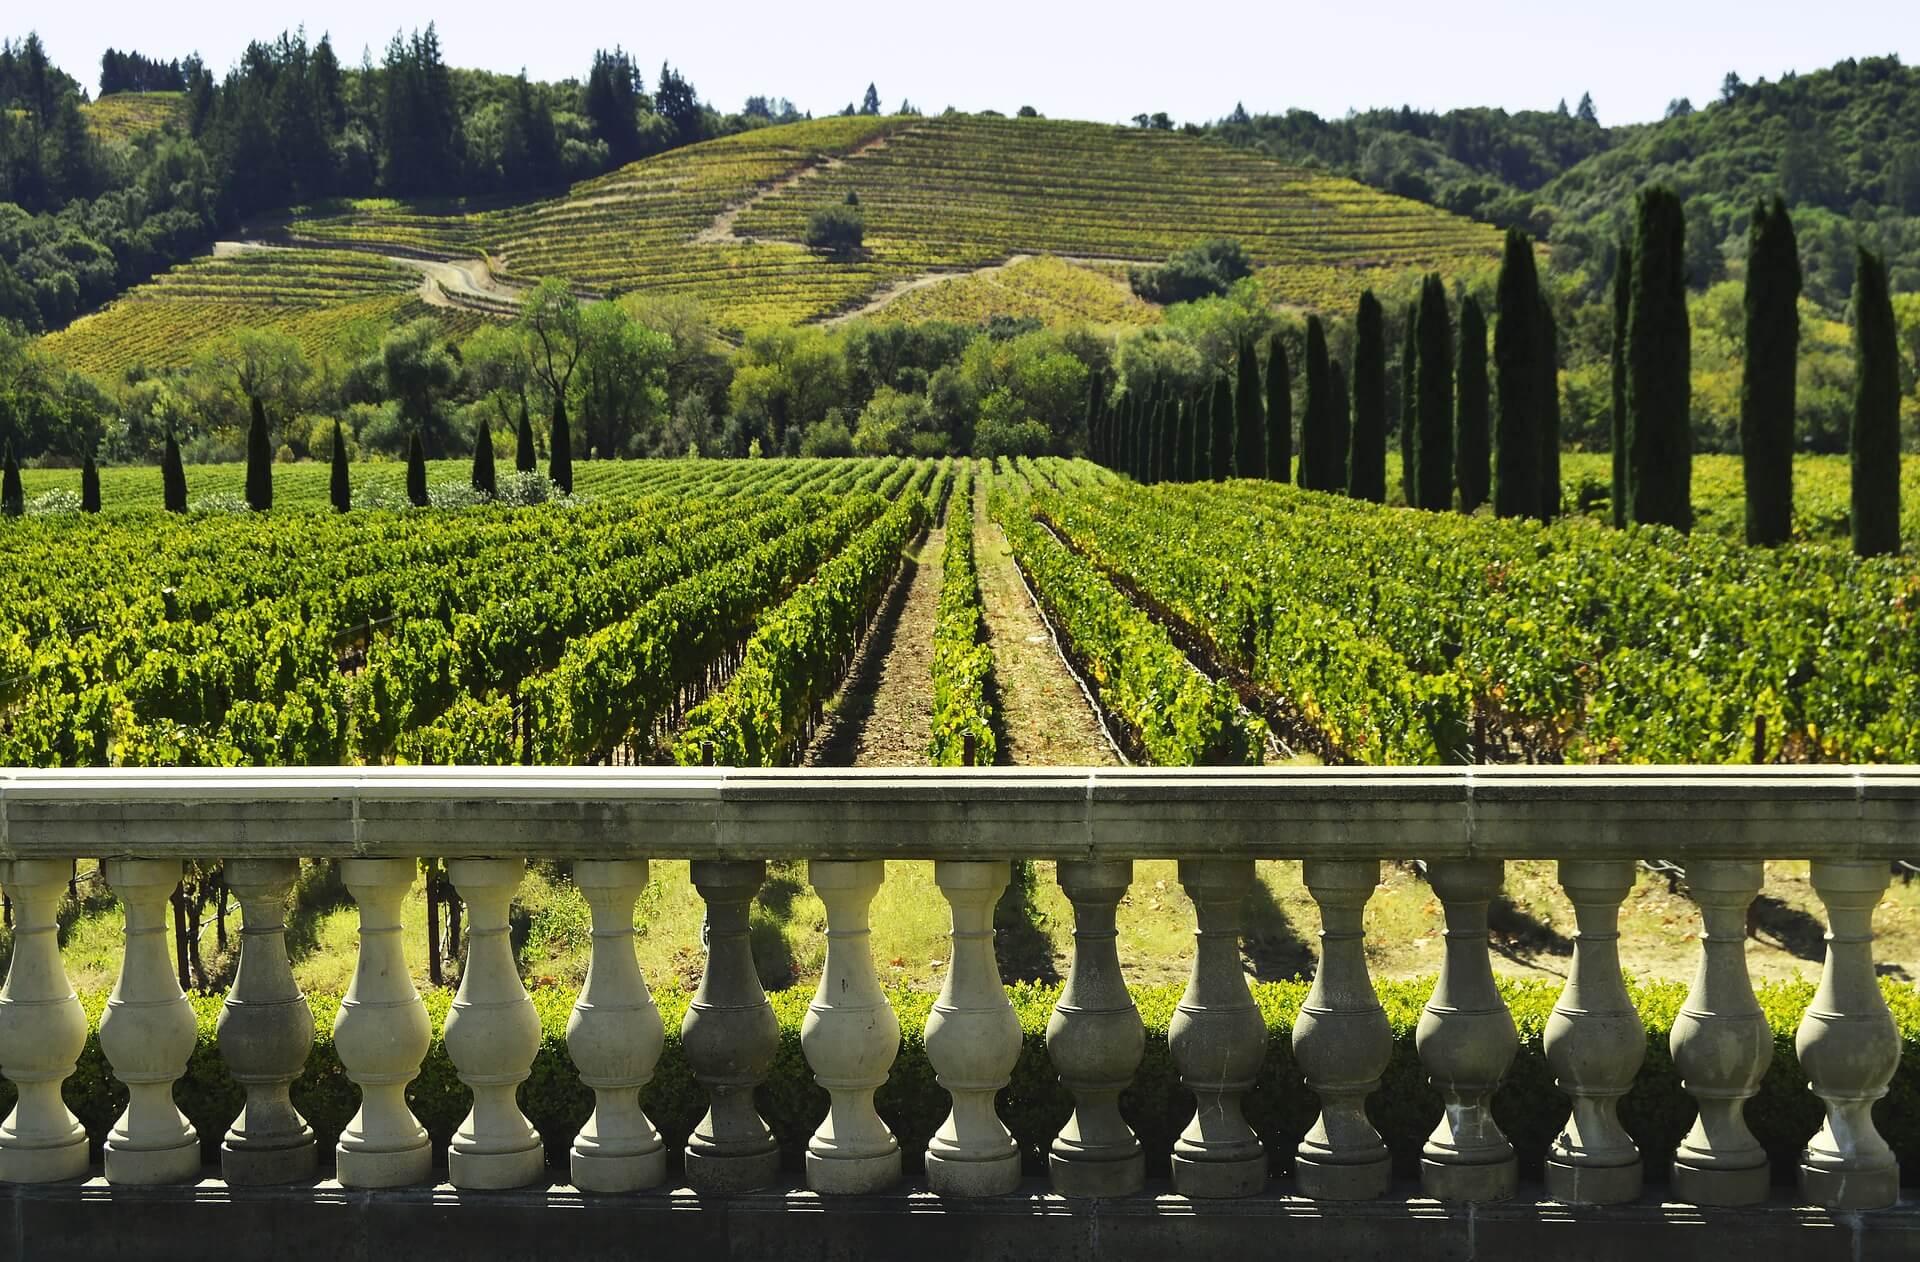 Wege zum Wein Weingartenblick